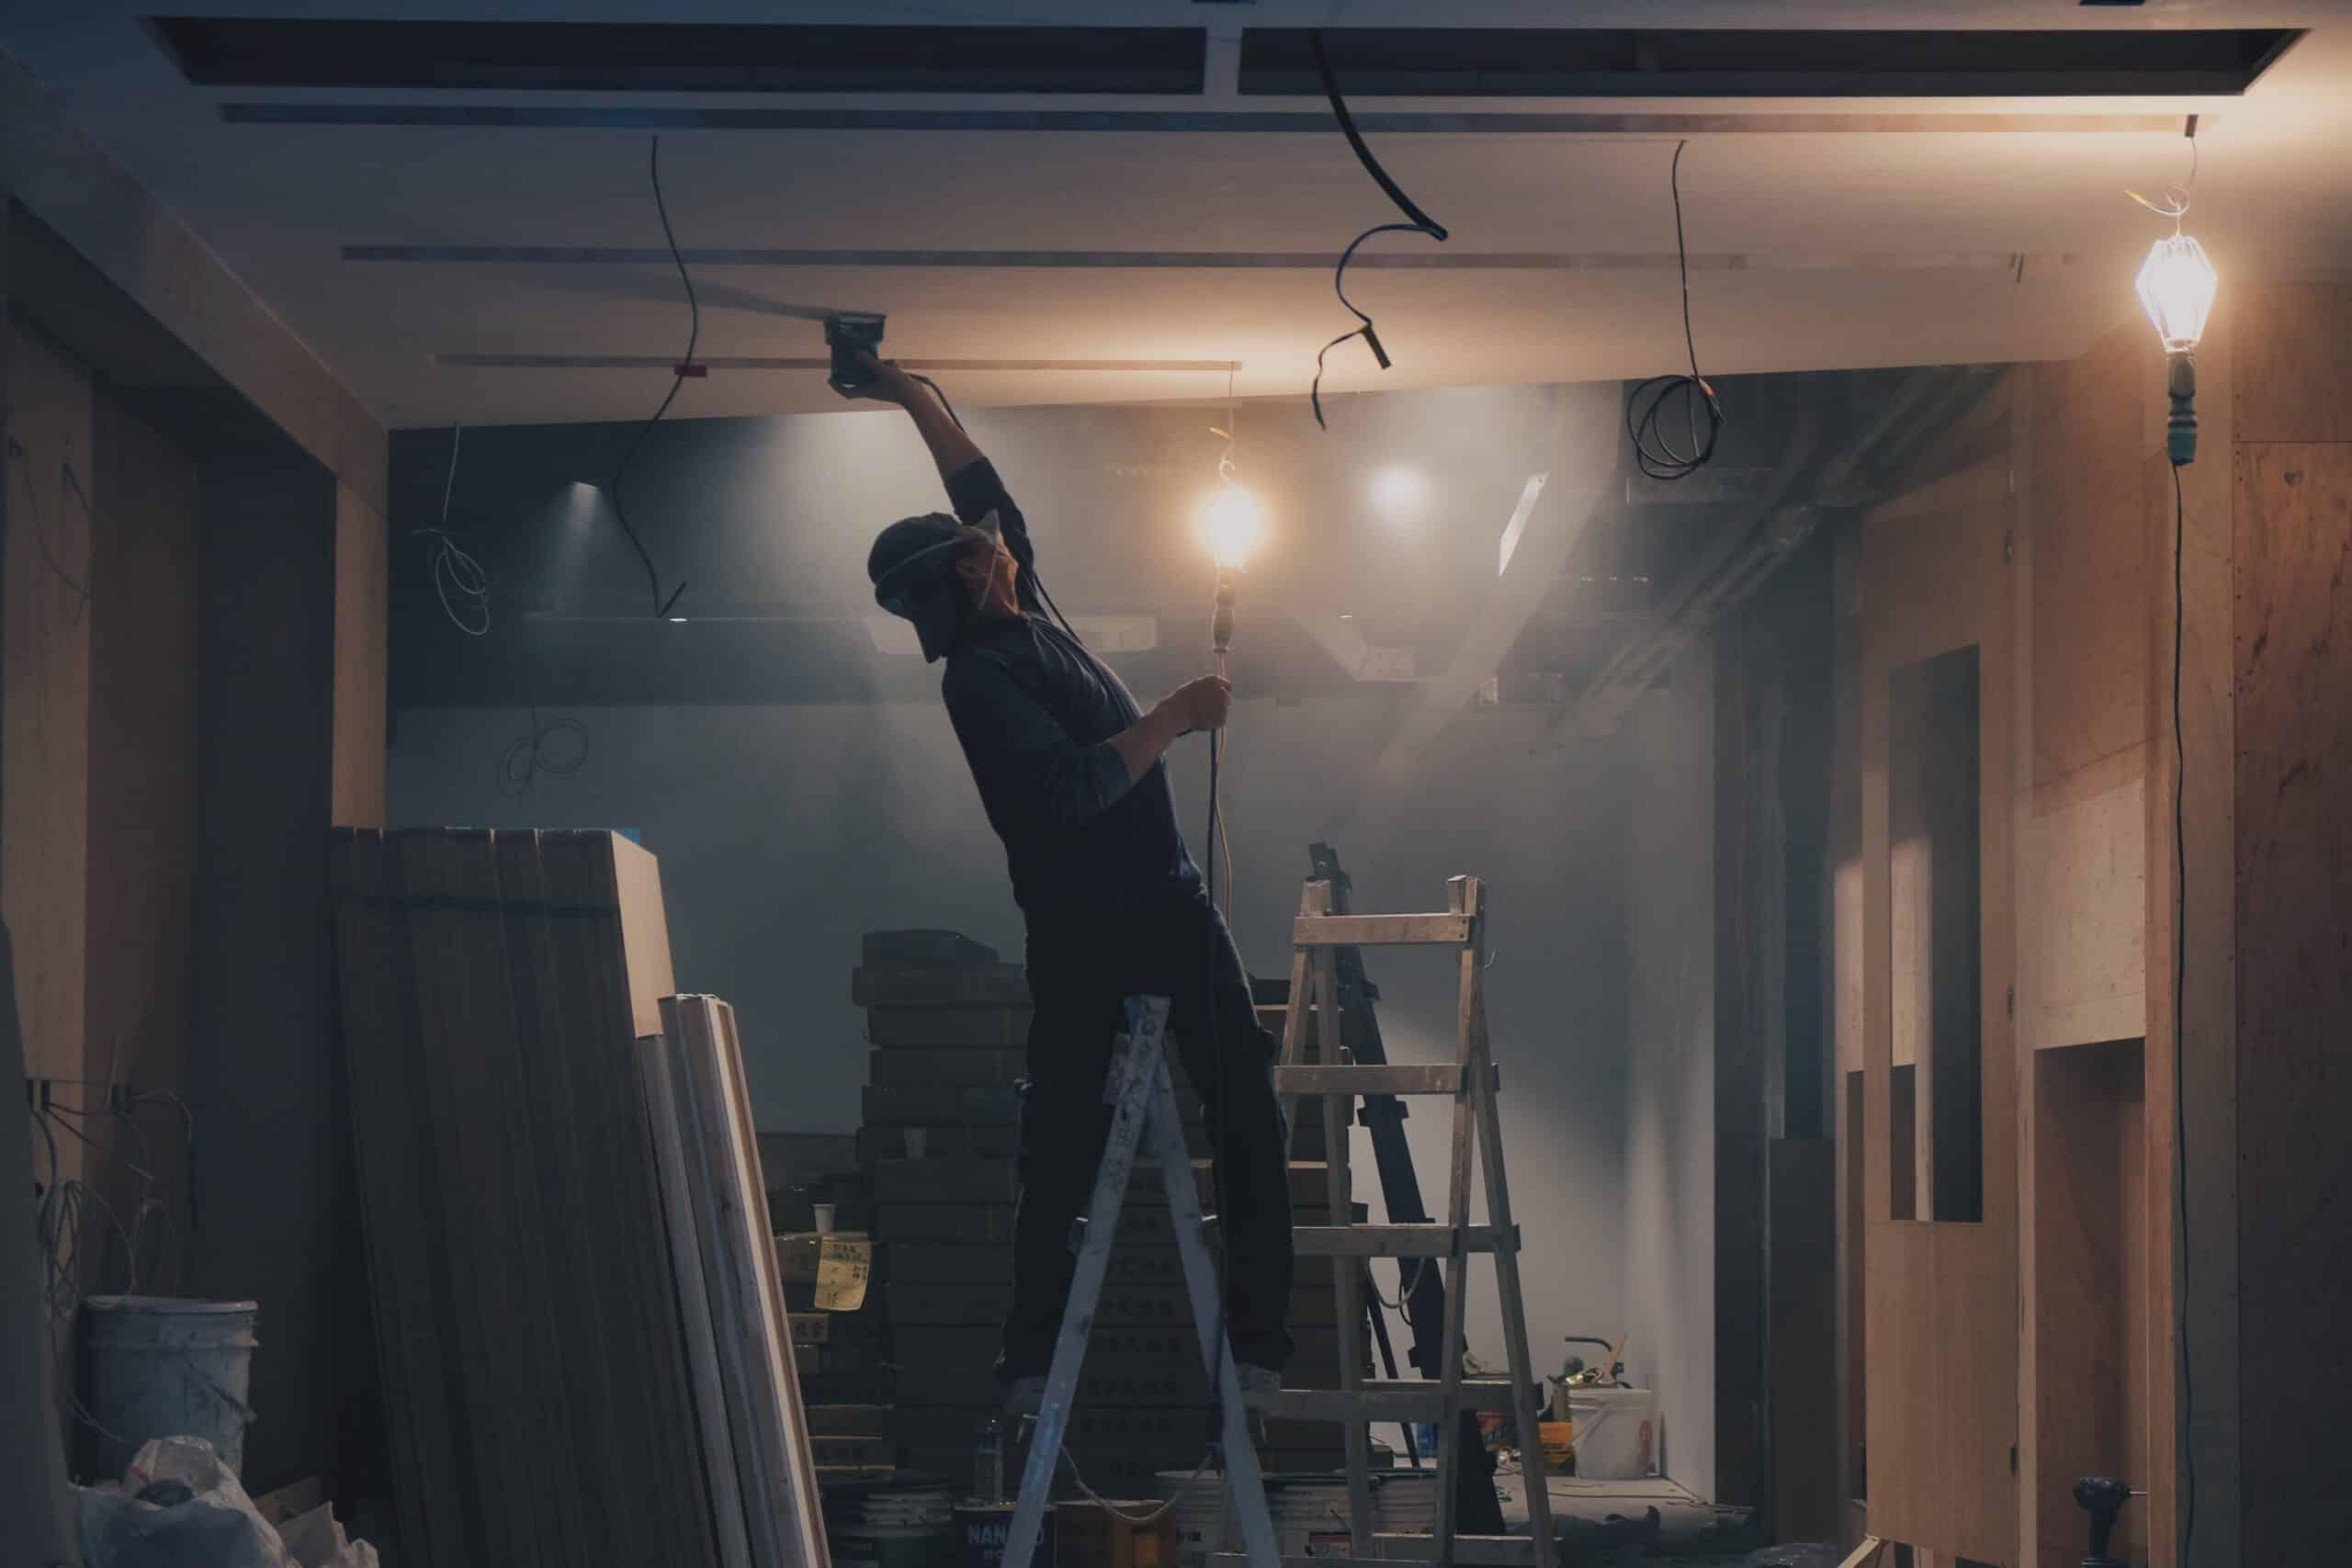 Handwerker arbeitet auf einer Leiter , schleift die Rohdecke